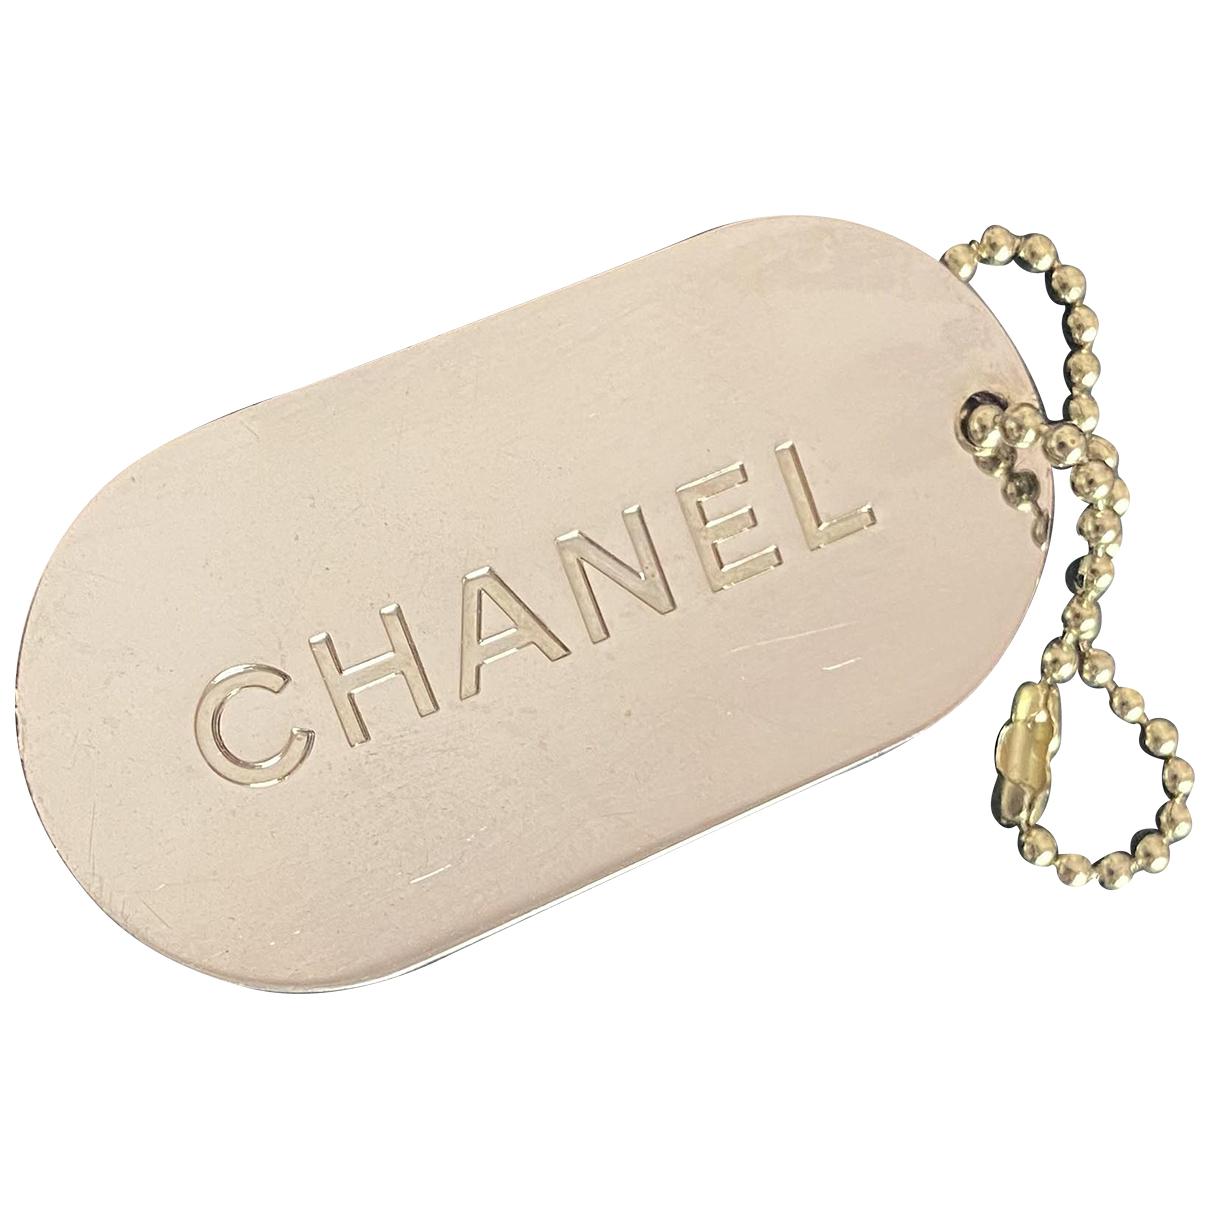 Chanel - Bijoux de sac CHANEL pour femme en acier - vert